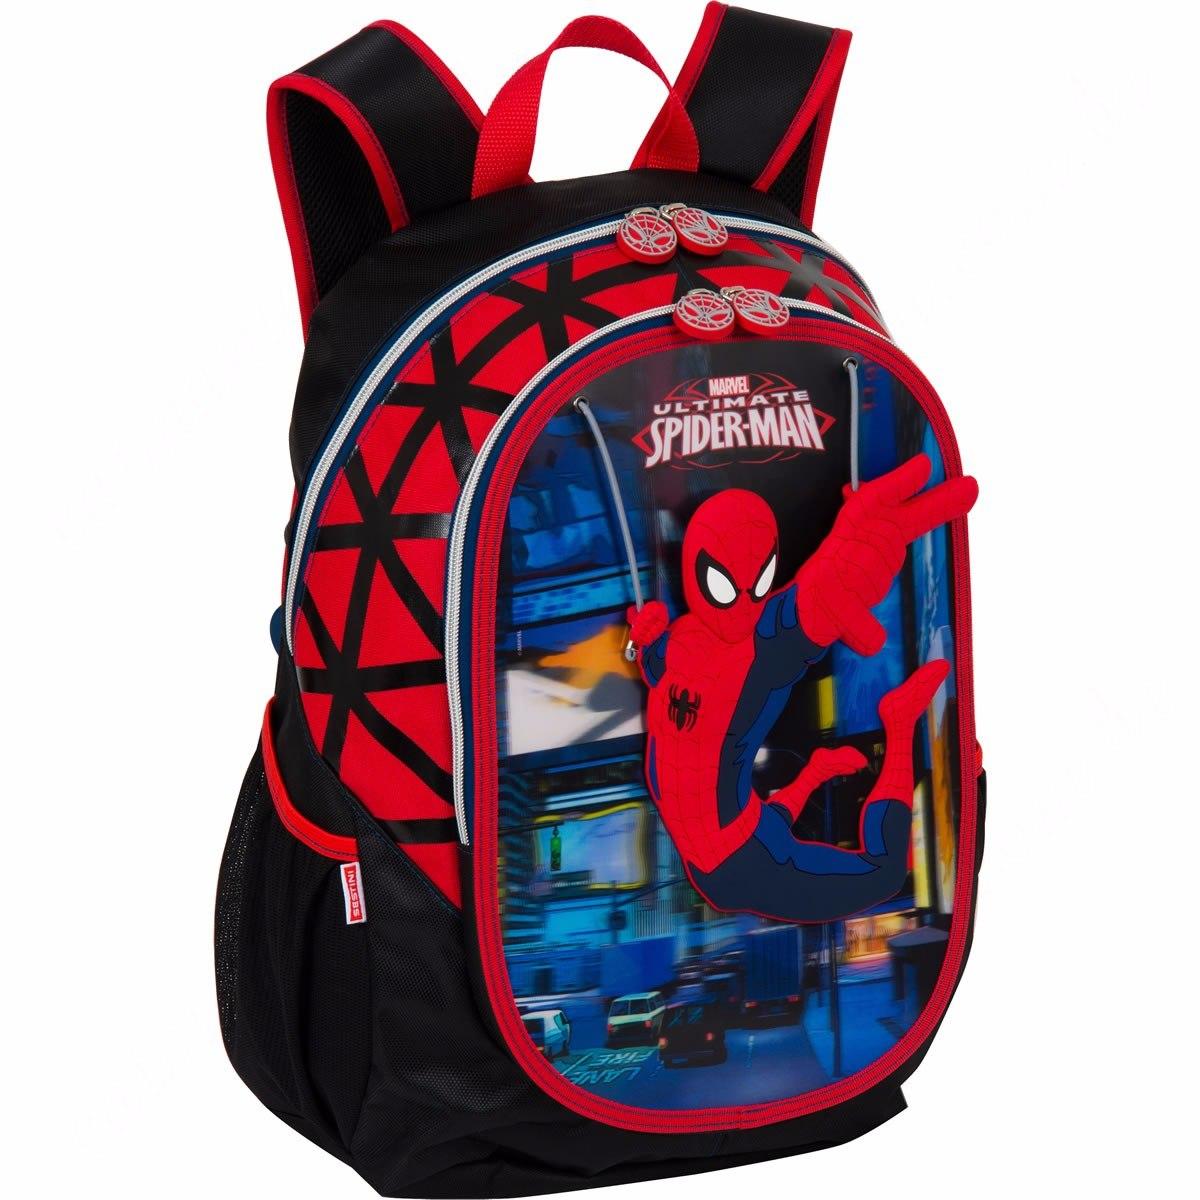 59e924197 Mochila Grande Spider Man- Marvel Sestini - R$ 120,90 em Mercado Livre